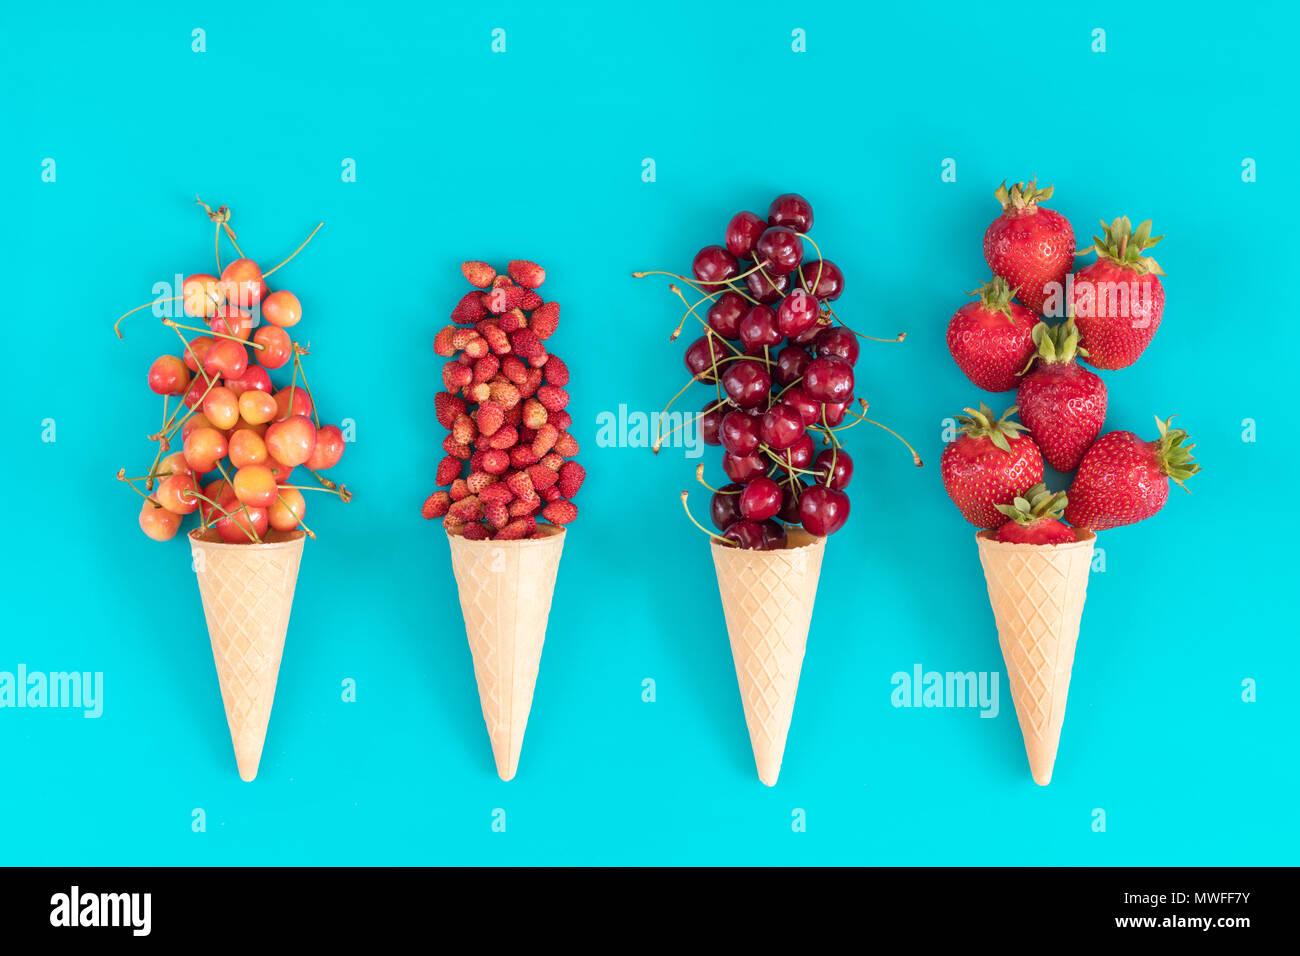 Vier Waffeln mit roten Kirschen, wilde Erdbeeren, Kirschen und strawberryes gelb auf blau Oberfläche. Flach, Ansicht von oben süße Speisen Hintergrund. Stockbild